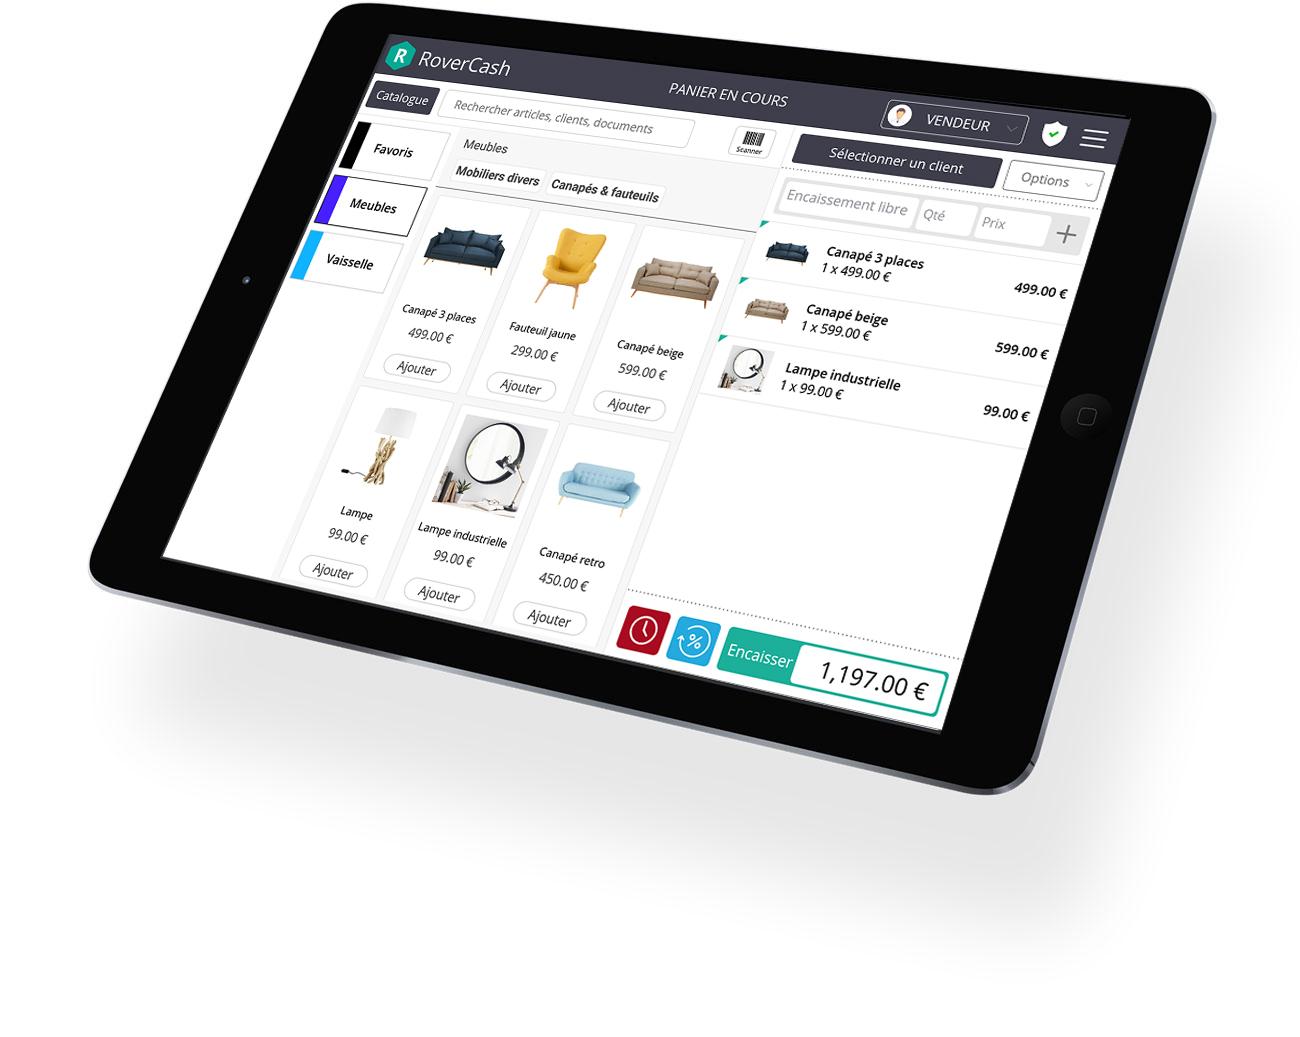 El software de caja registradora táctil RoverCash, una verdadera herramienta de gestión para comerciantes